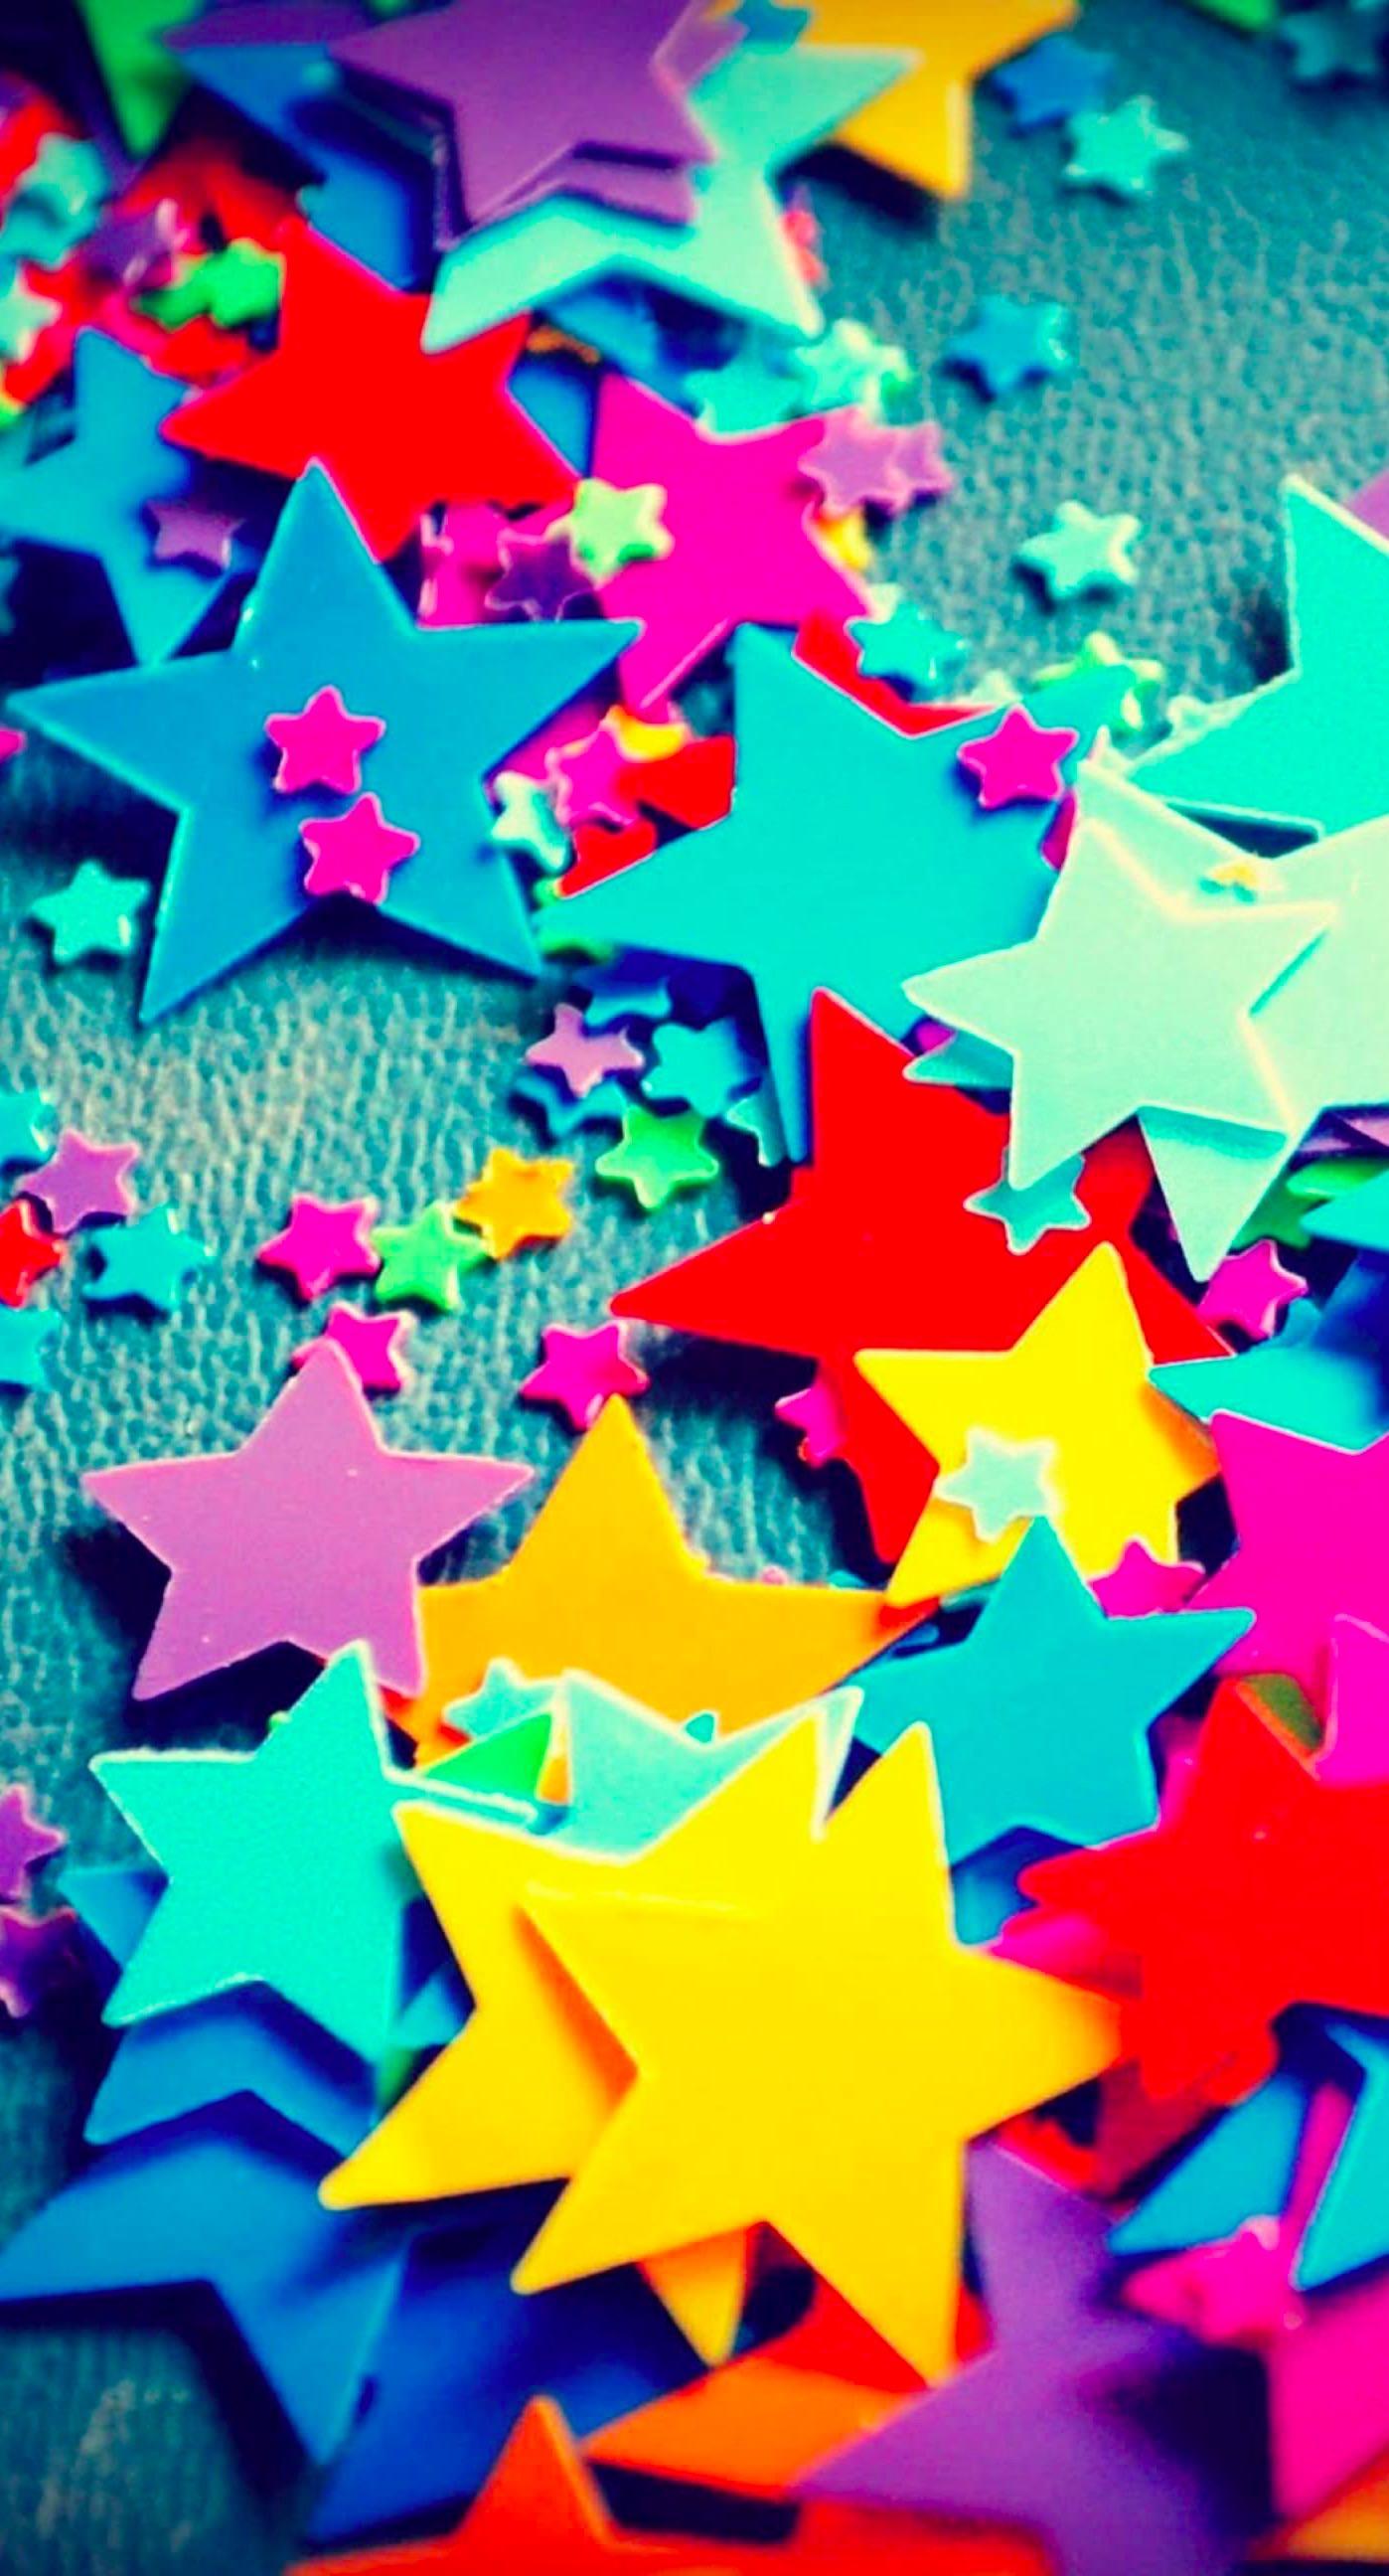 Colorful Star Wallpaper Sc Iphone6splus